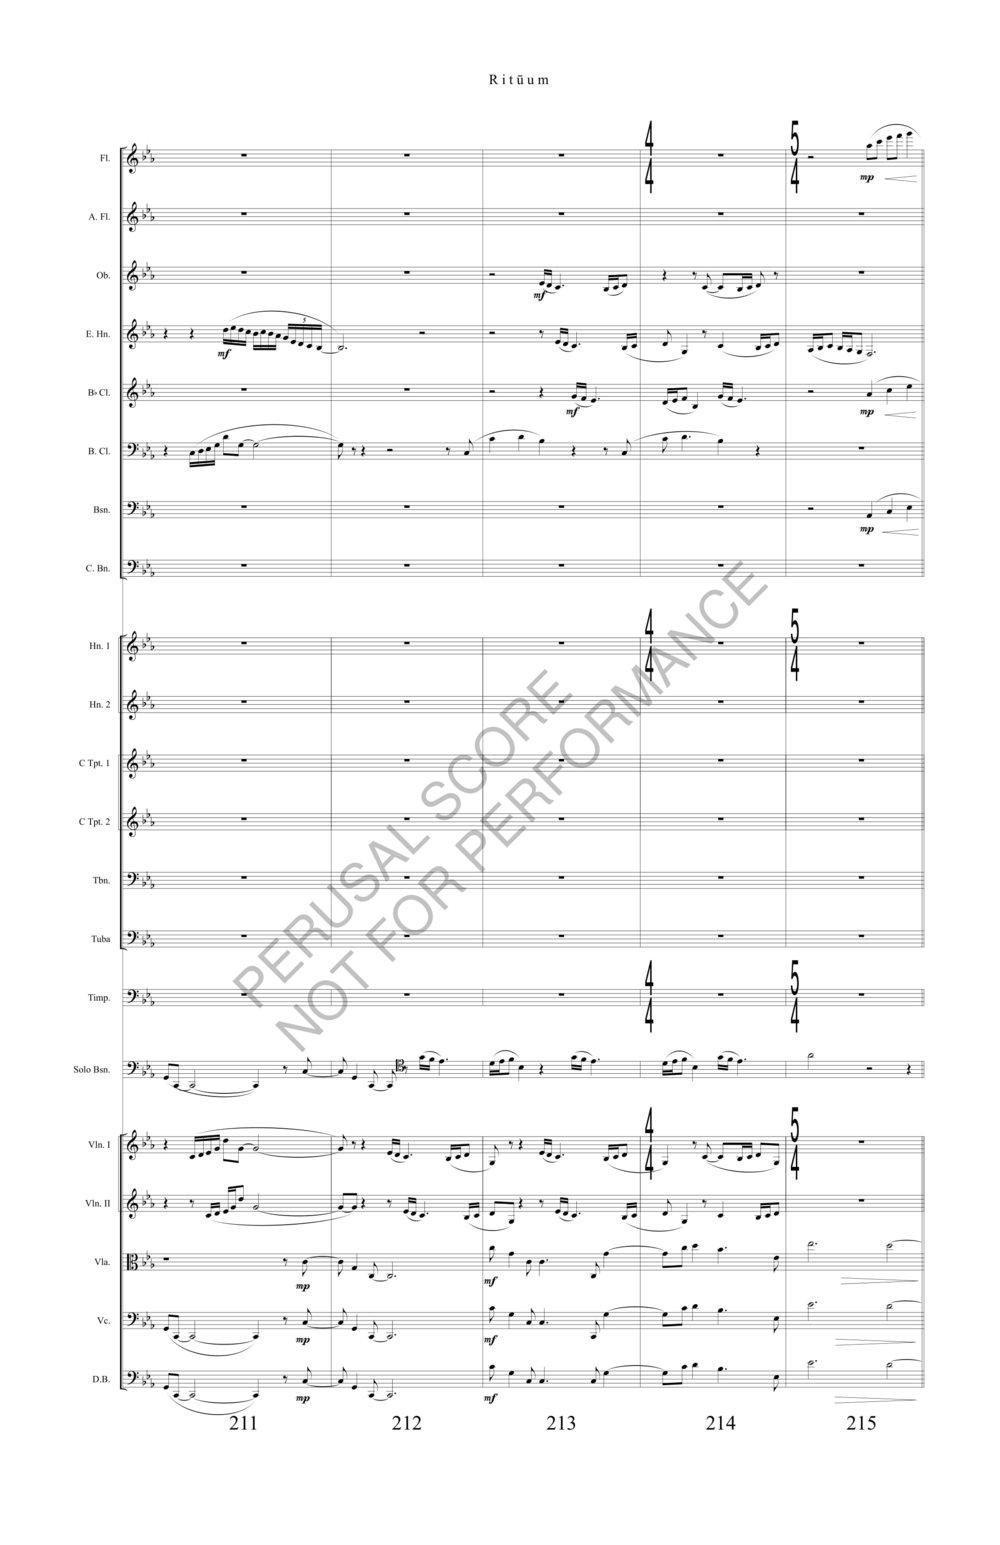 Boyd Rituum Score-watermark (1)-50.jpg